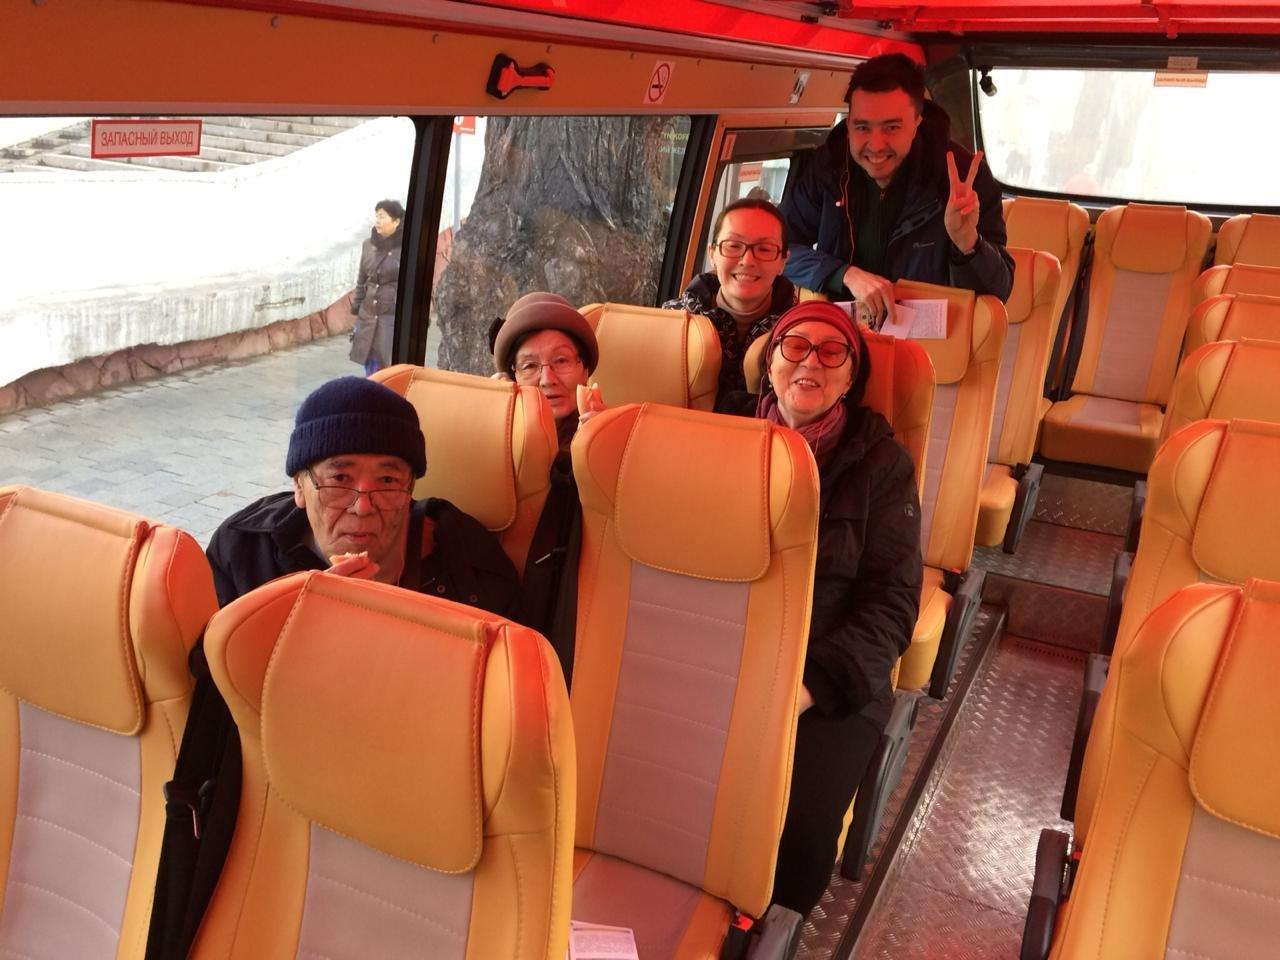 Новый формат автобусных экскурсий запустили в Алматы, фото-2